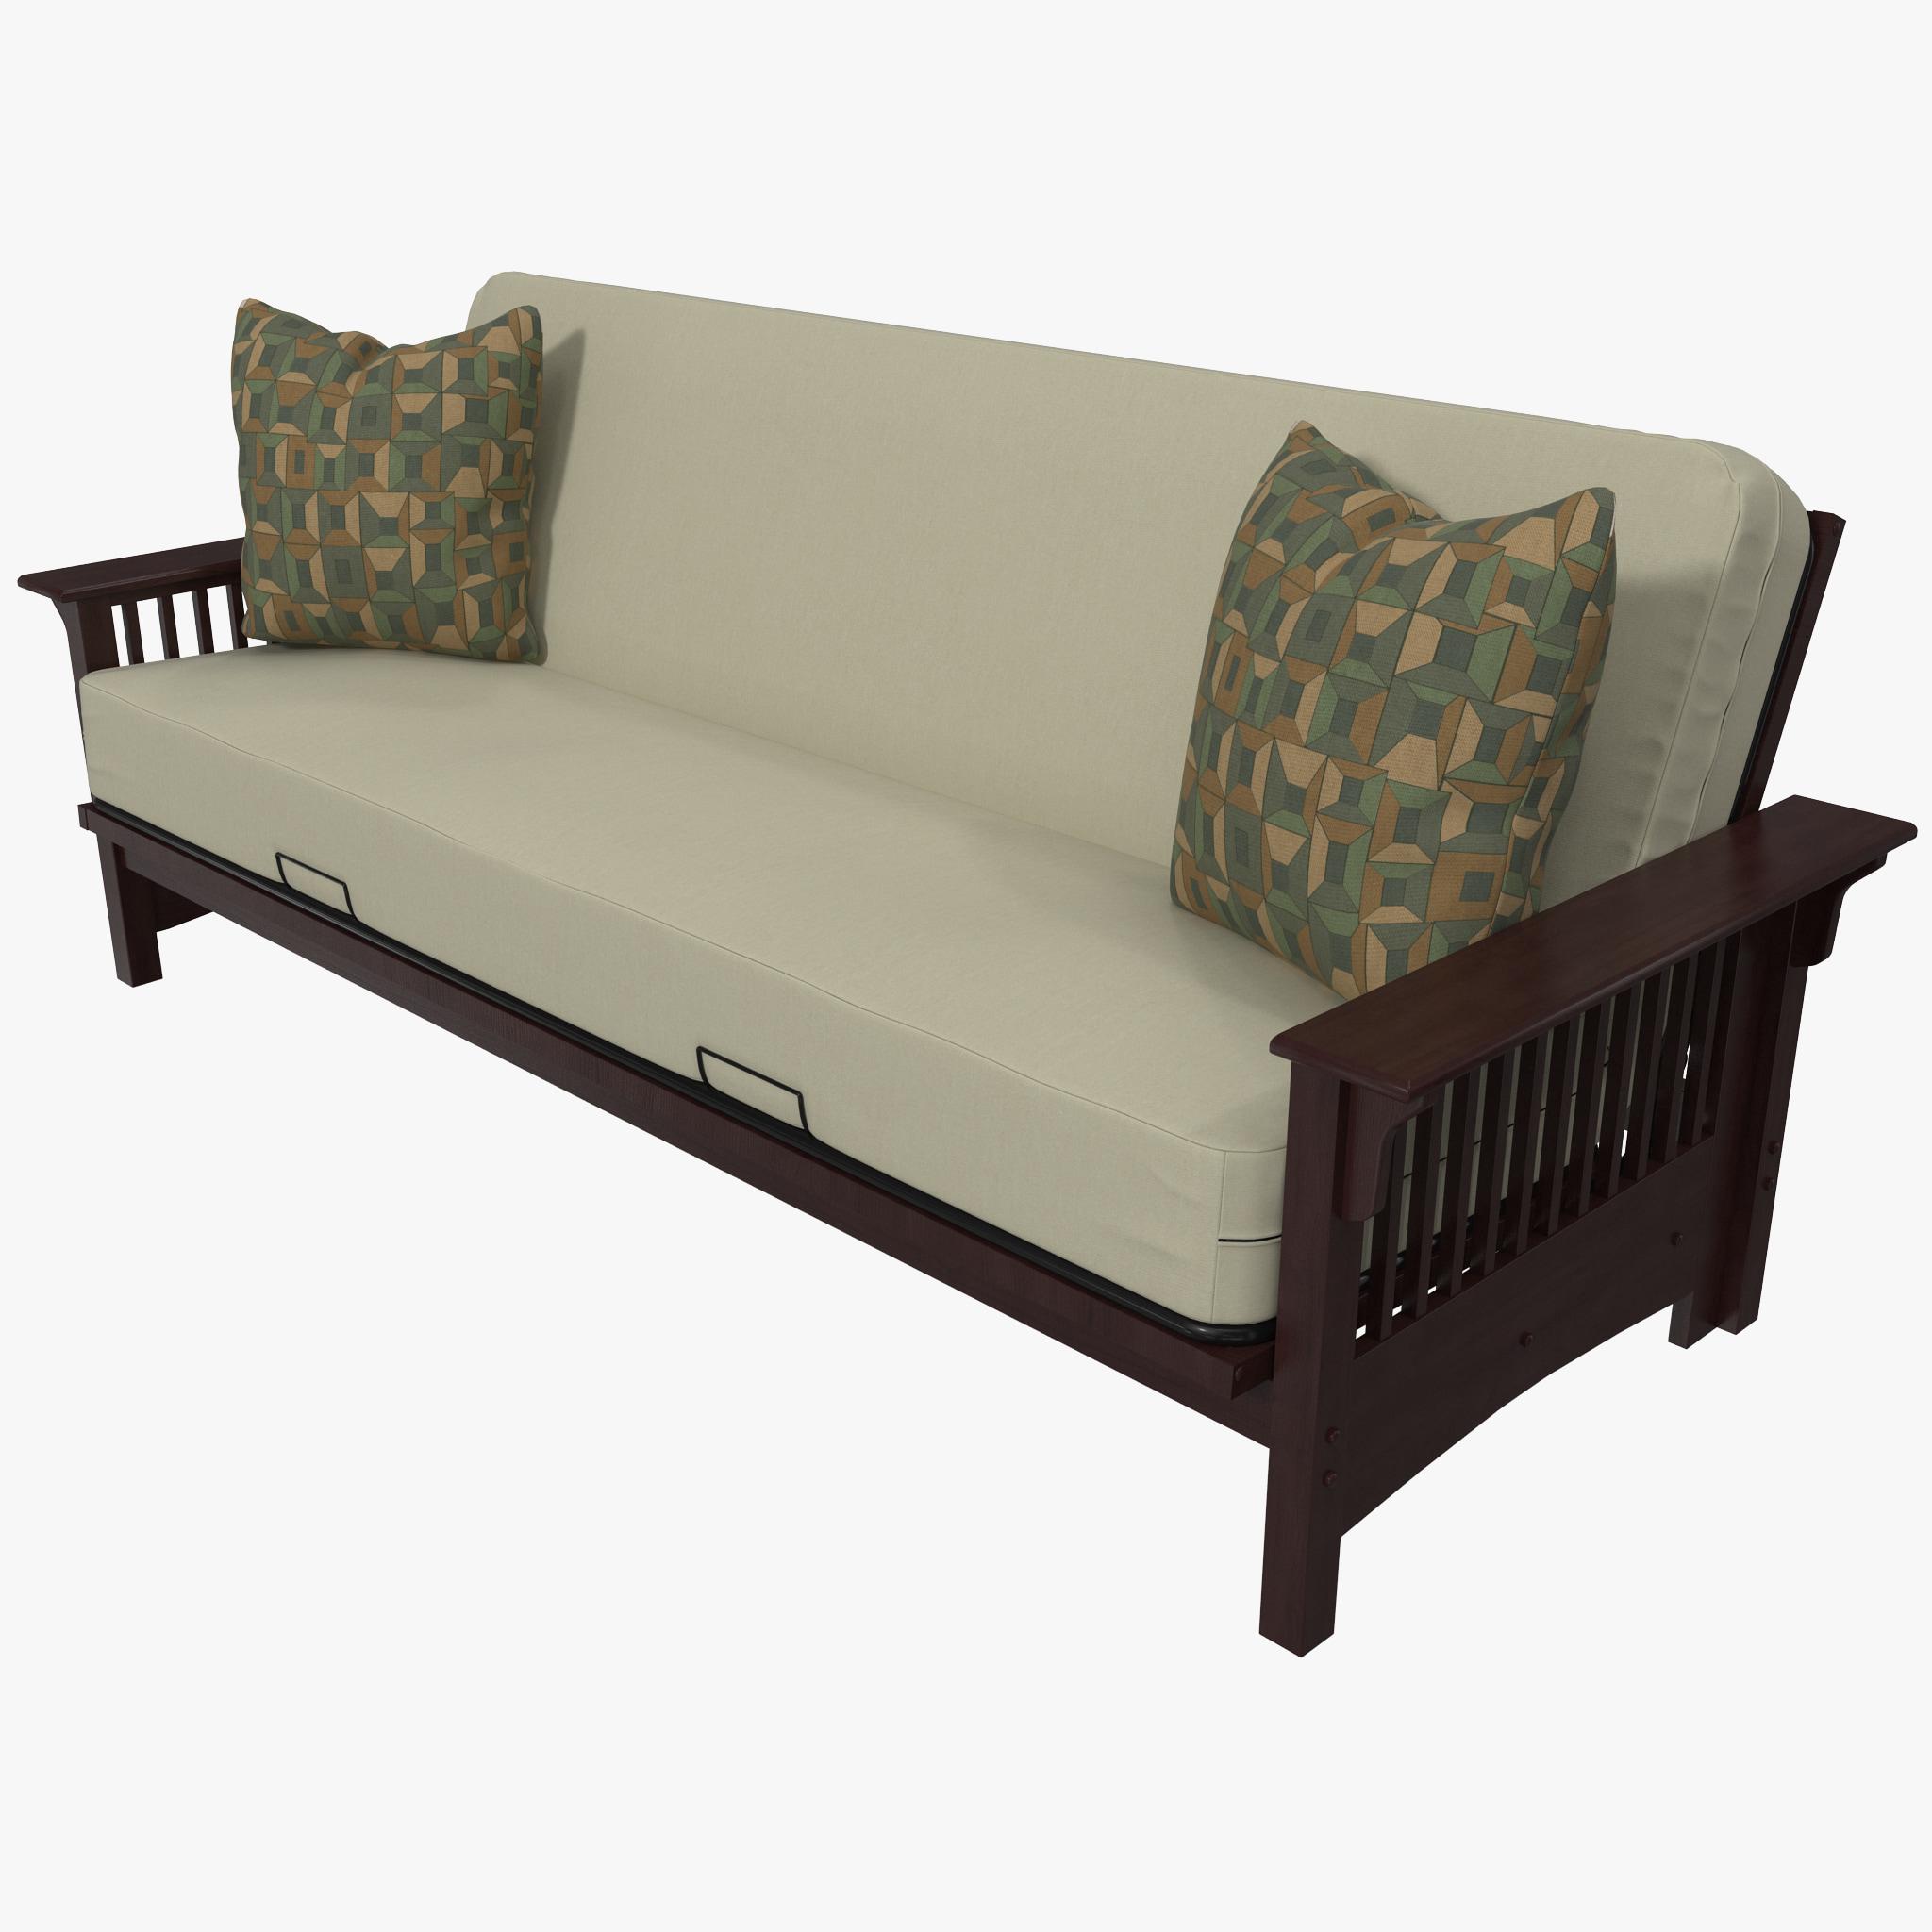 sofa elite products santa 3d model